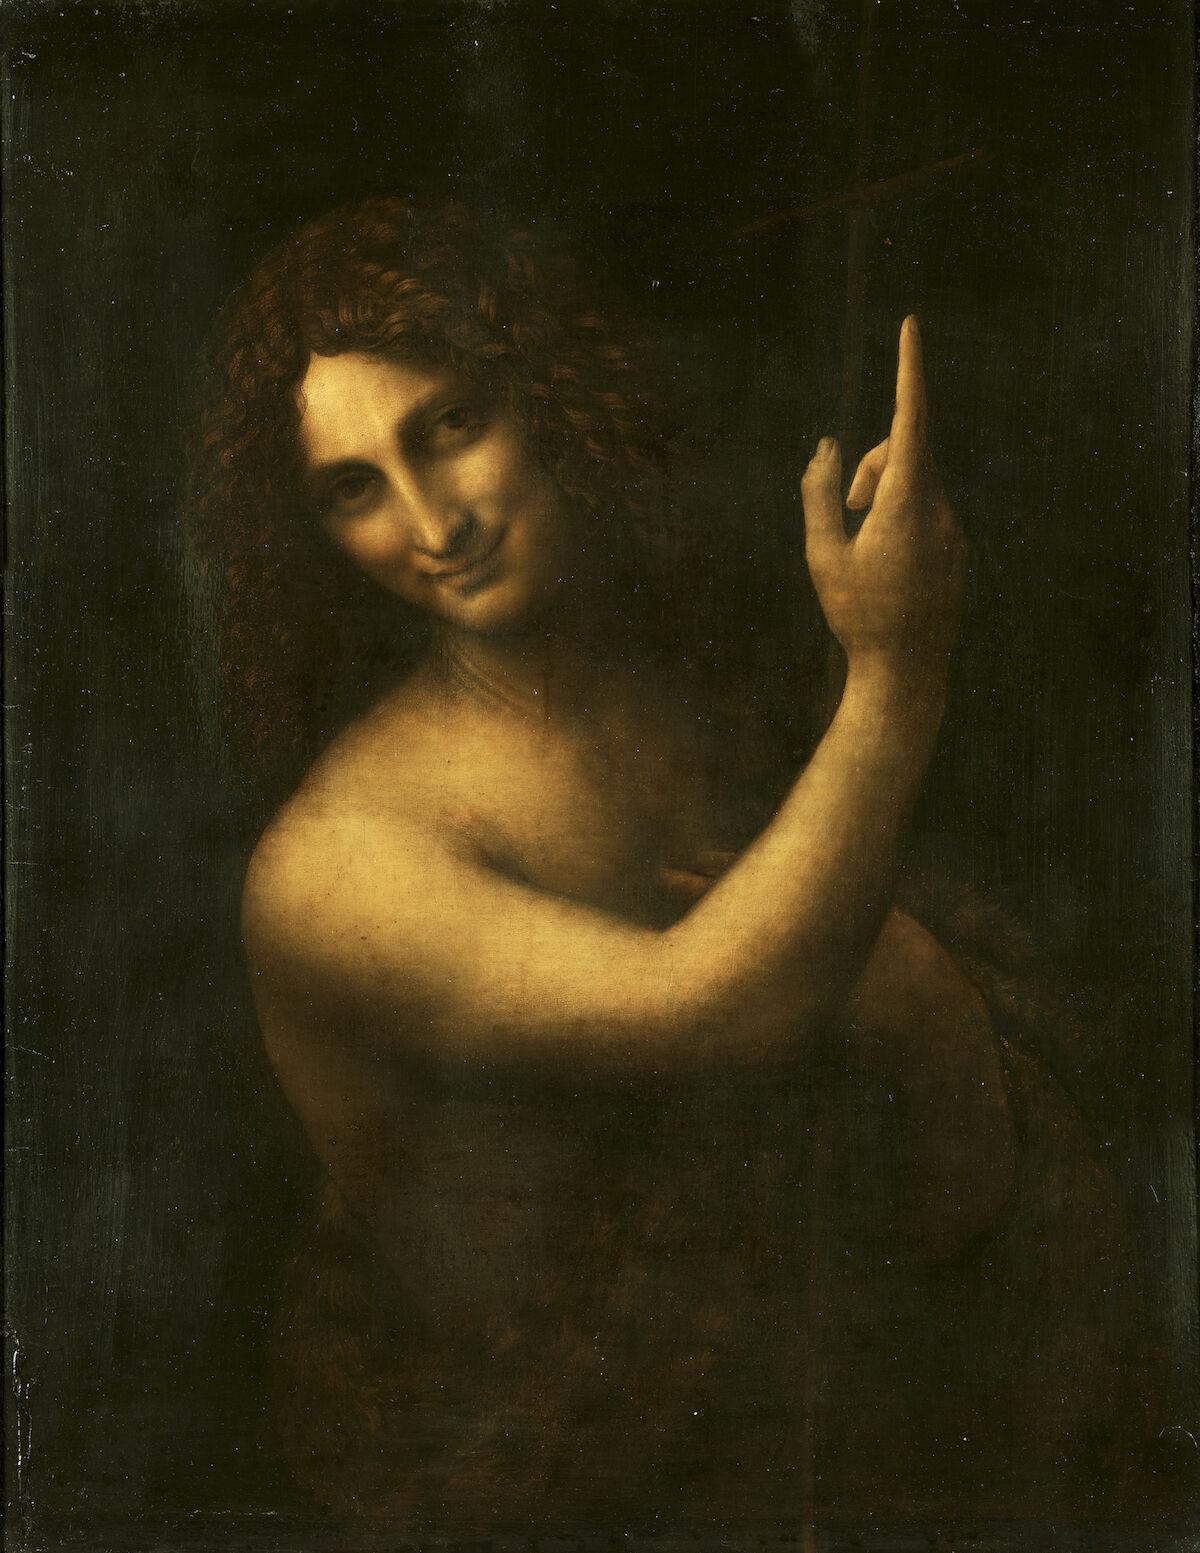 Leonardo da Vinci, Saint John the Baptist, 1513–16. Via Wikimedia Commons.